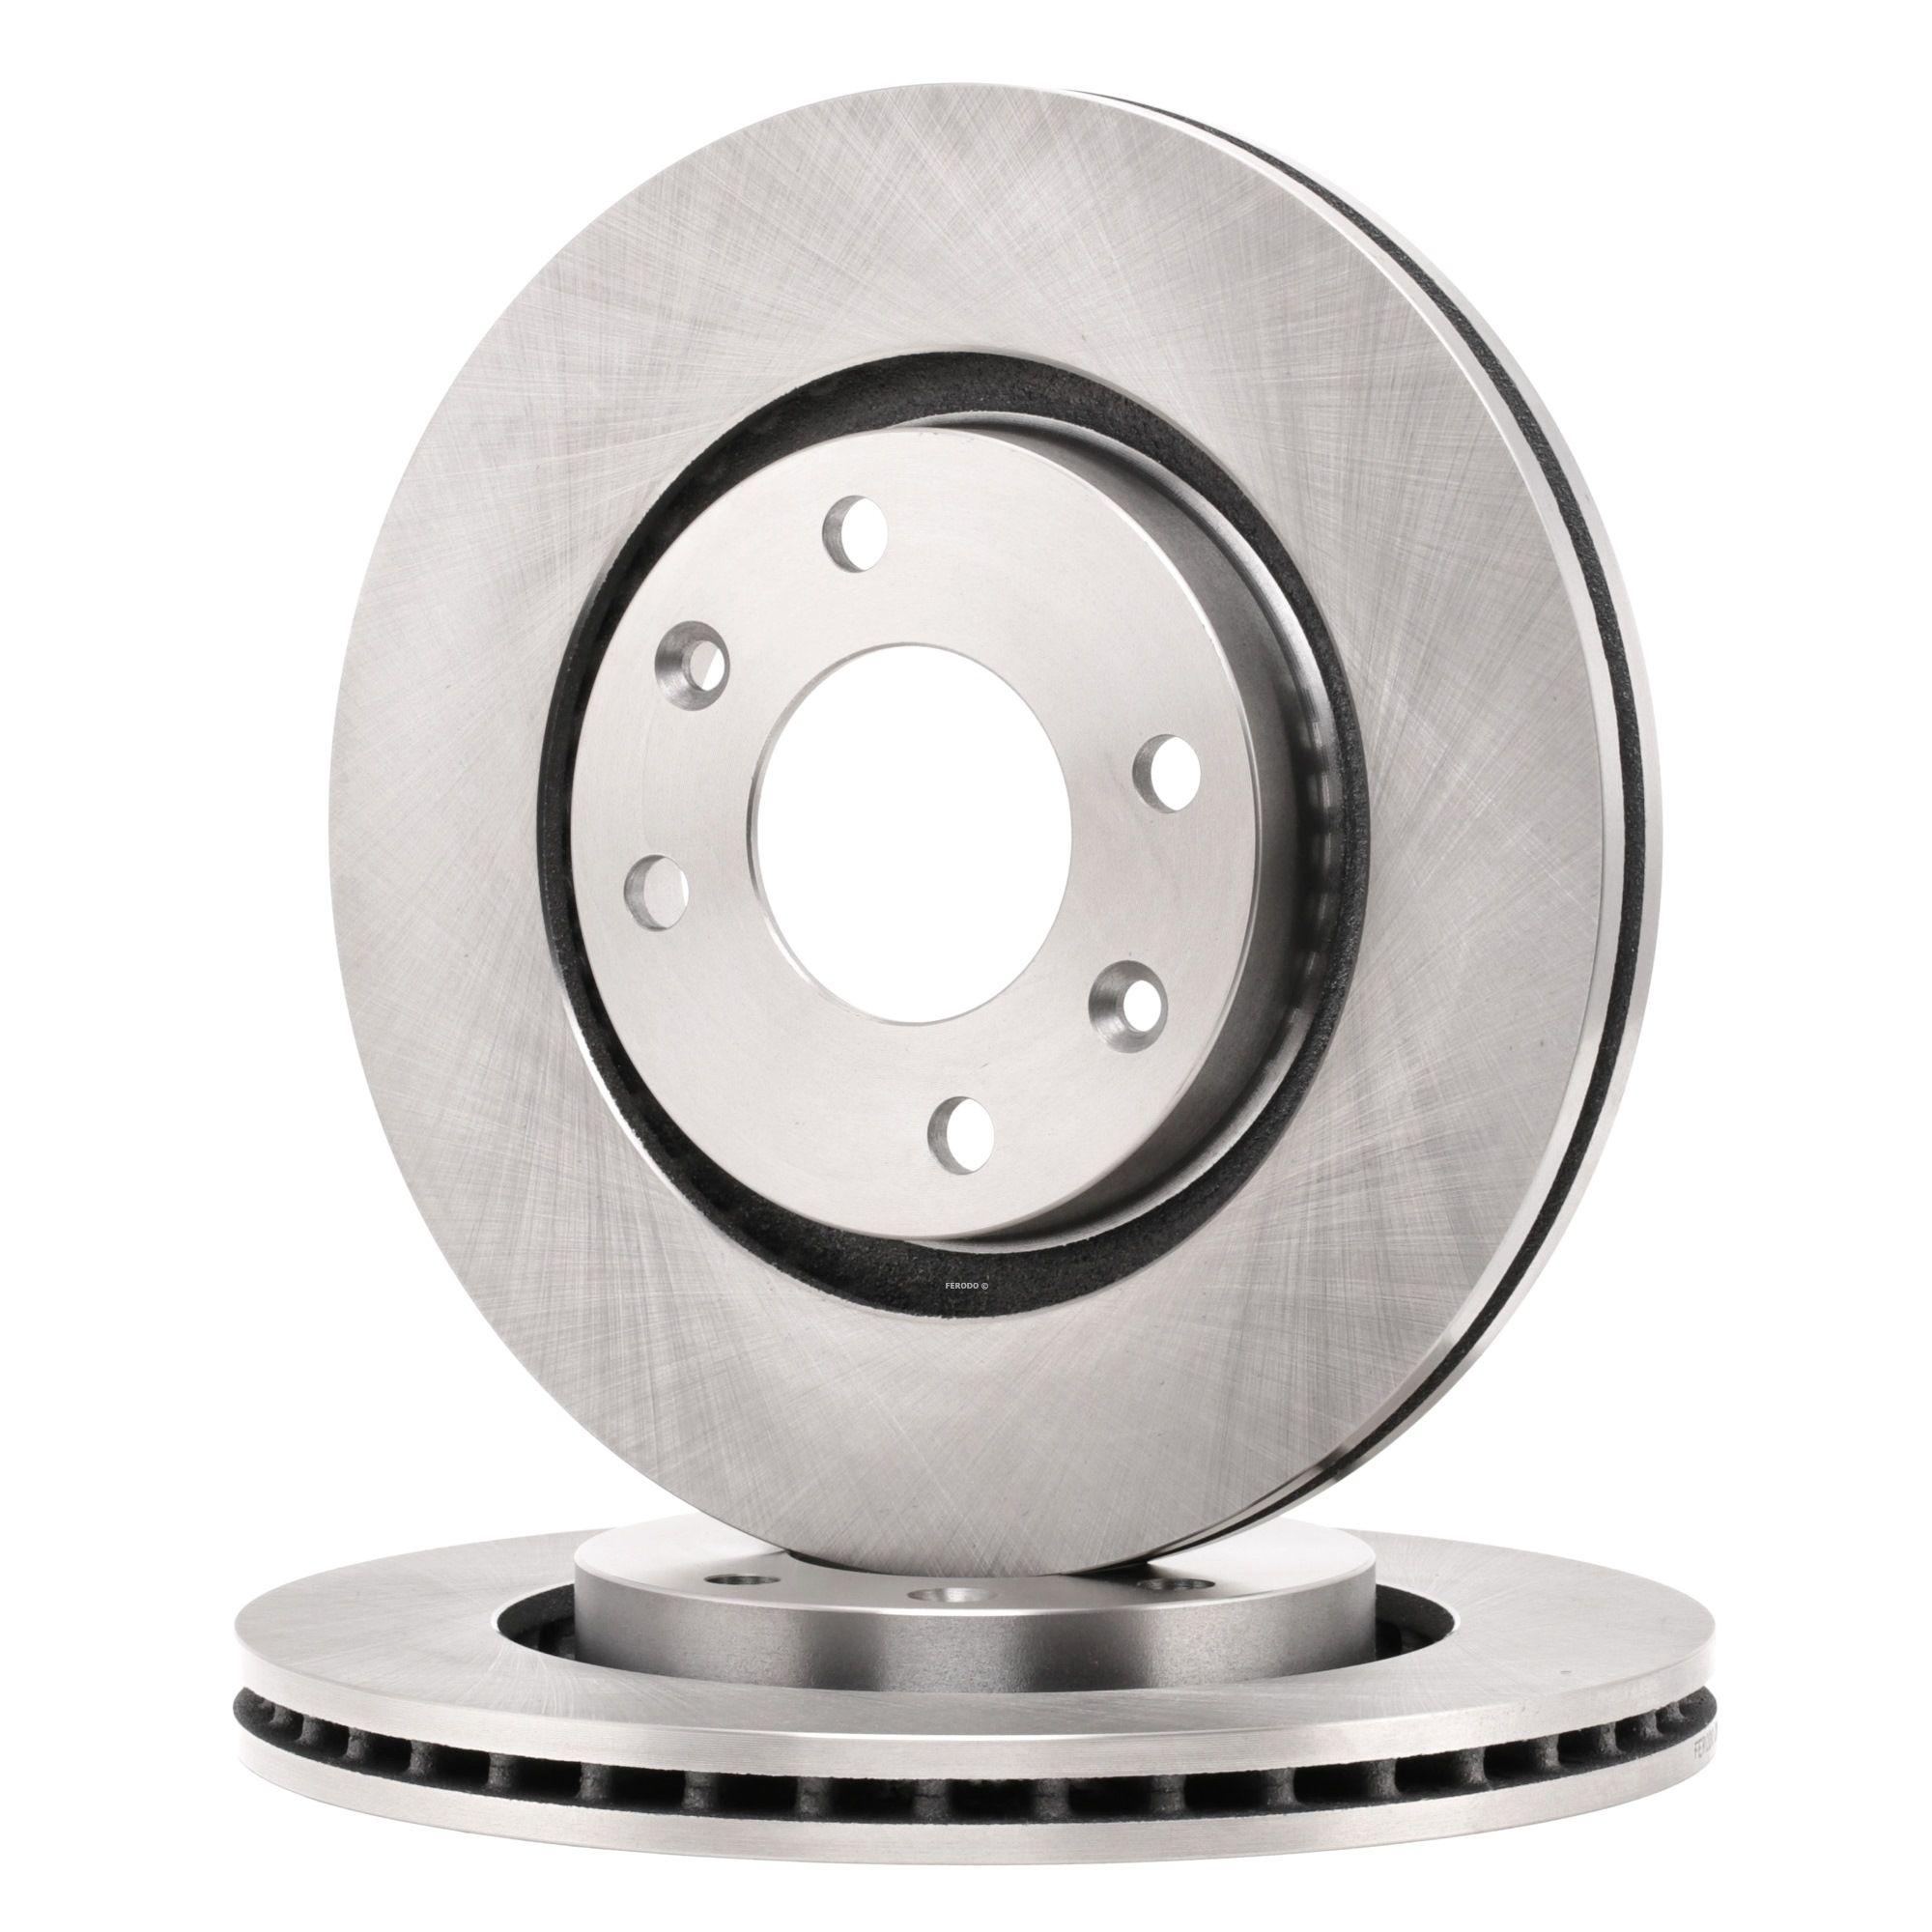 PEUGEOT 1007 2015 Bremsscheibe - Original FERODO DDF1140 Ø: 266mm, Lochanzahl: 4, Bremsscheibendicke: 22mm